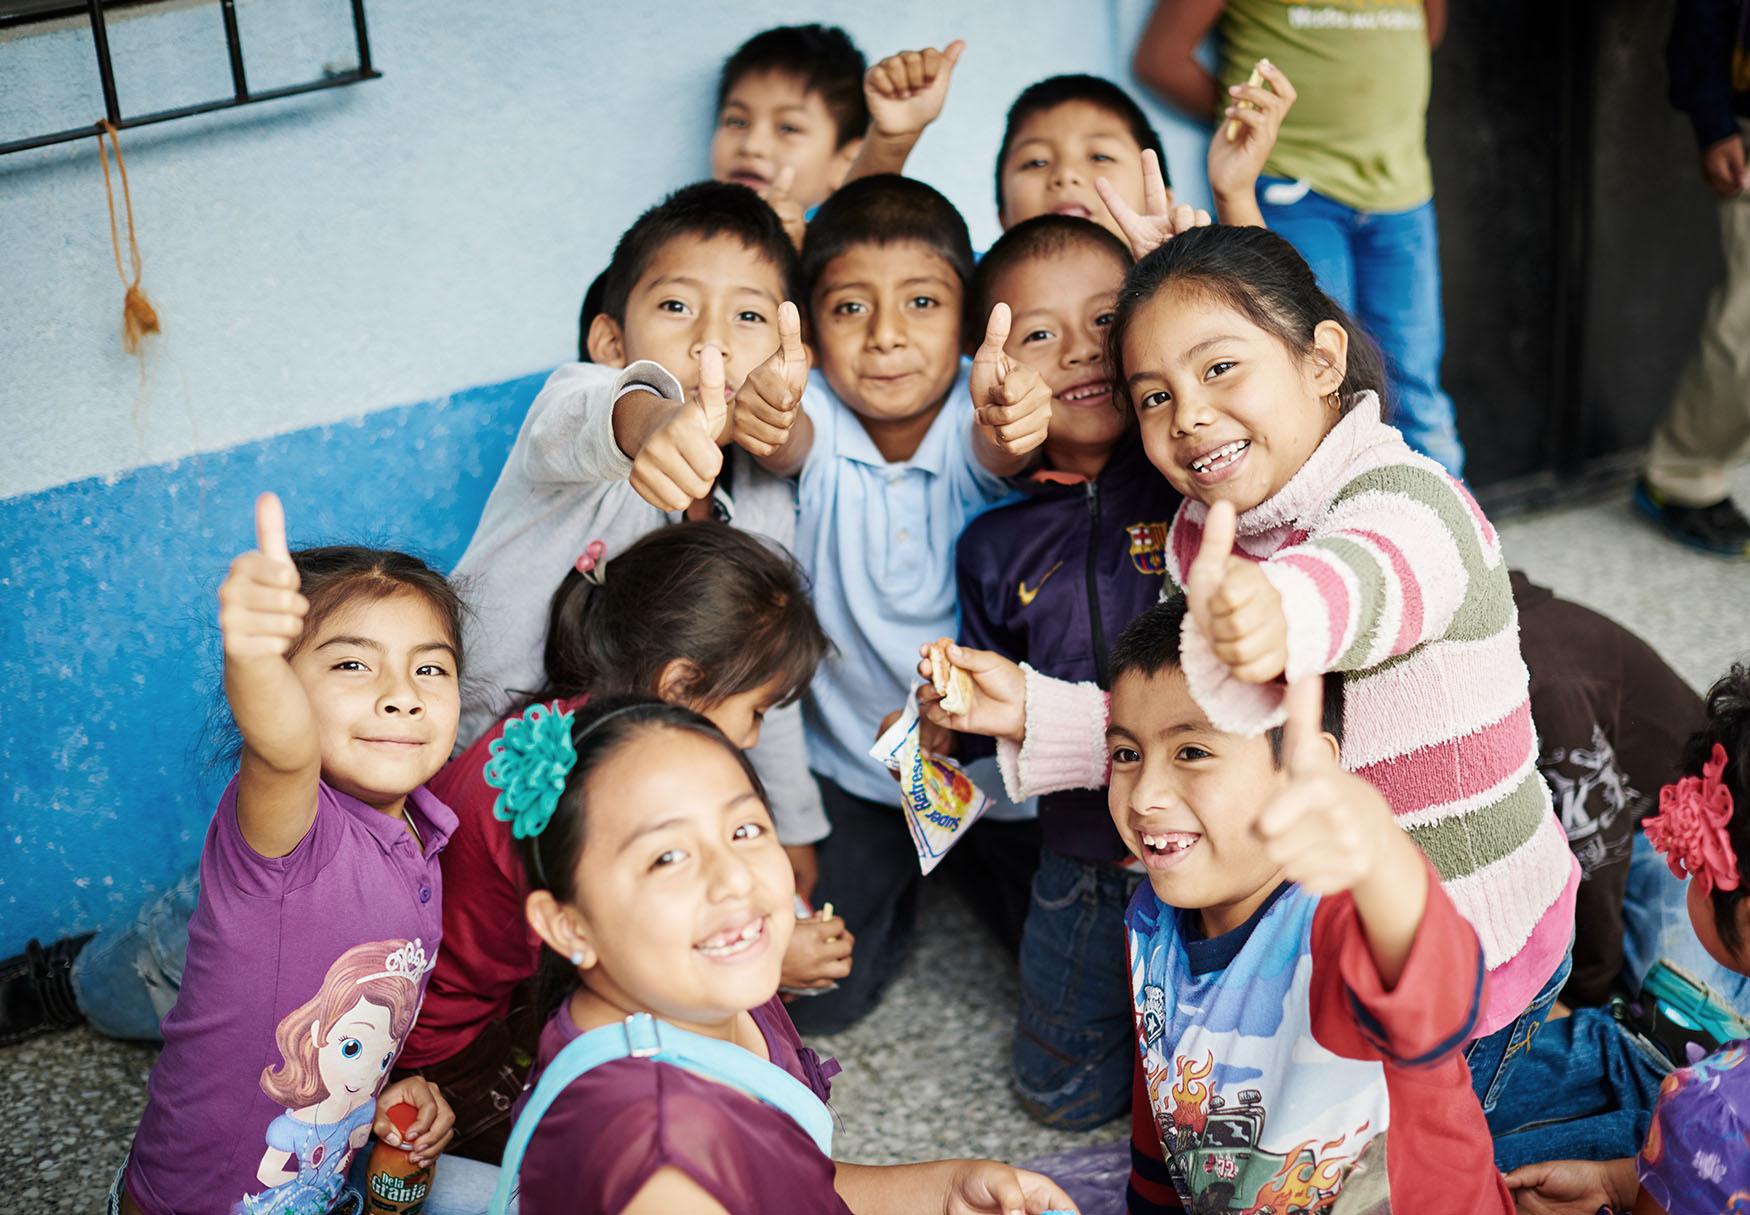 BLOOEY_Remko Verhaagen_Ninos de Guatemala.jpg